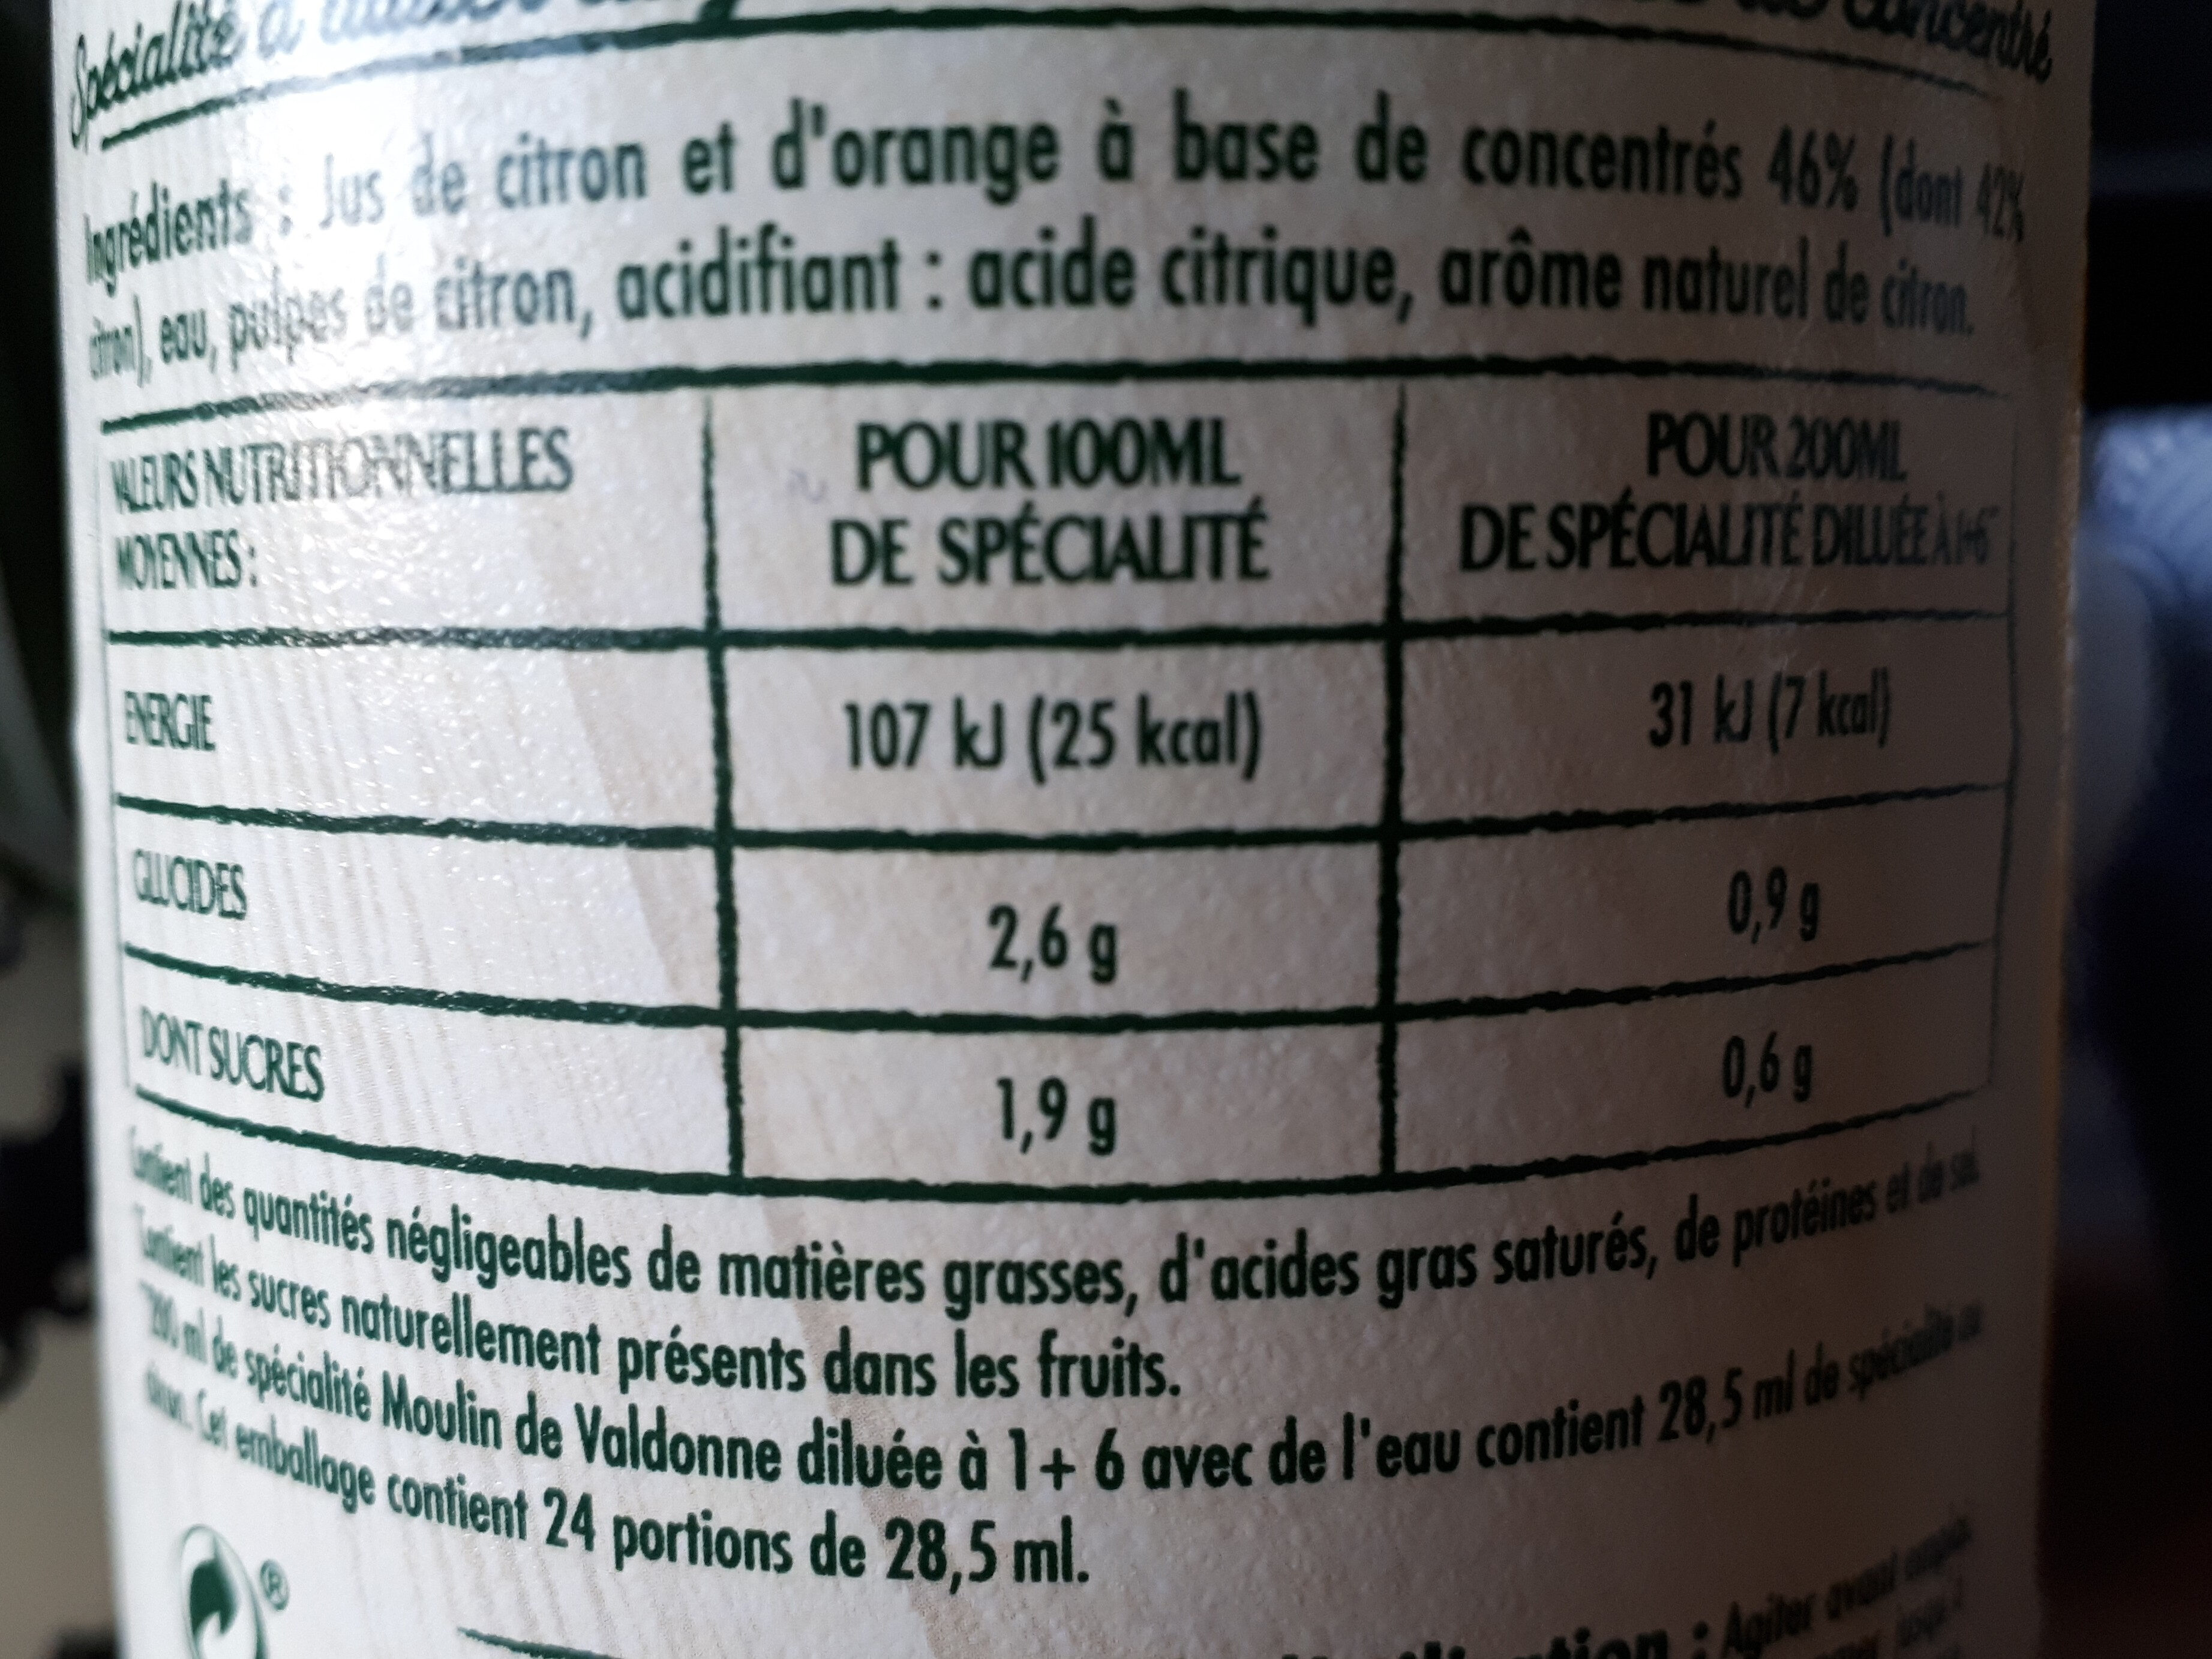 Specialité concentrée au citron - Informations nutritionnelles - fr